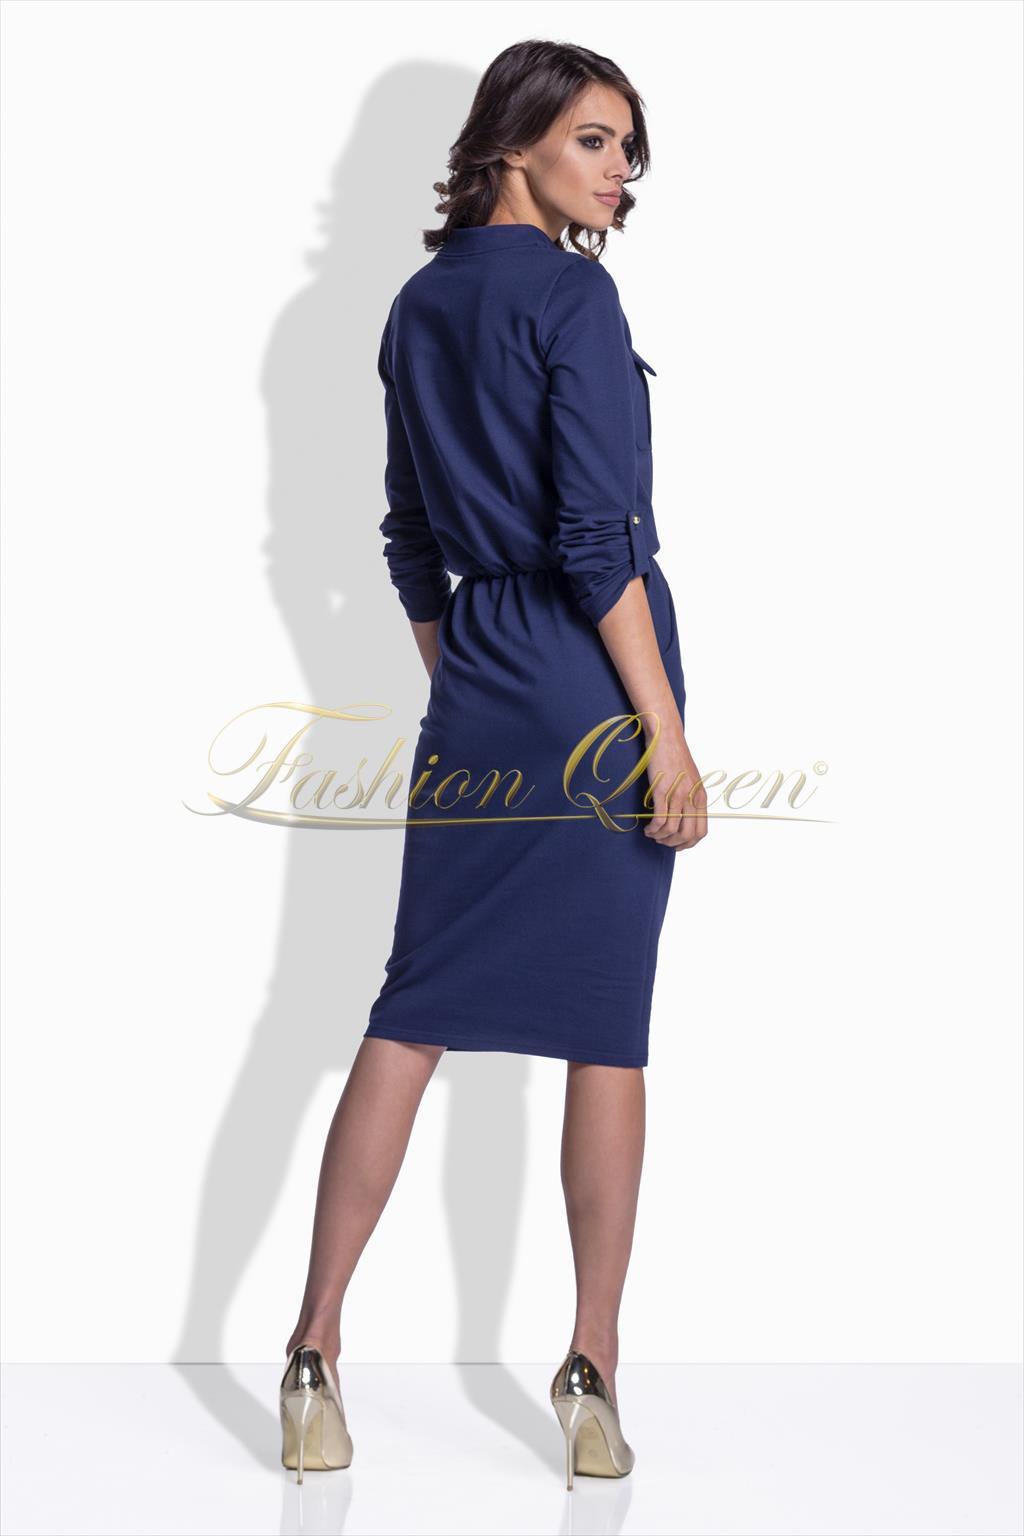 e2a570154e3f Fashion Queen - Dámske oblečenie a móda - Elegantné šaty